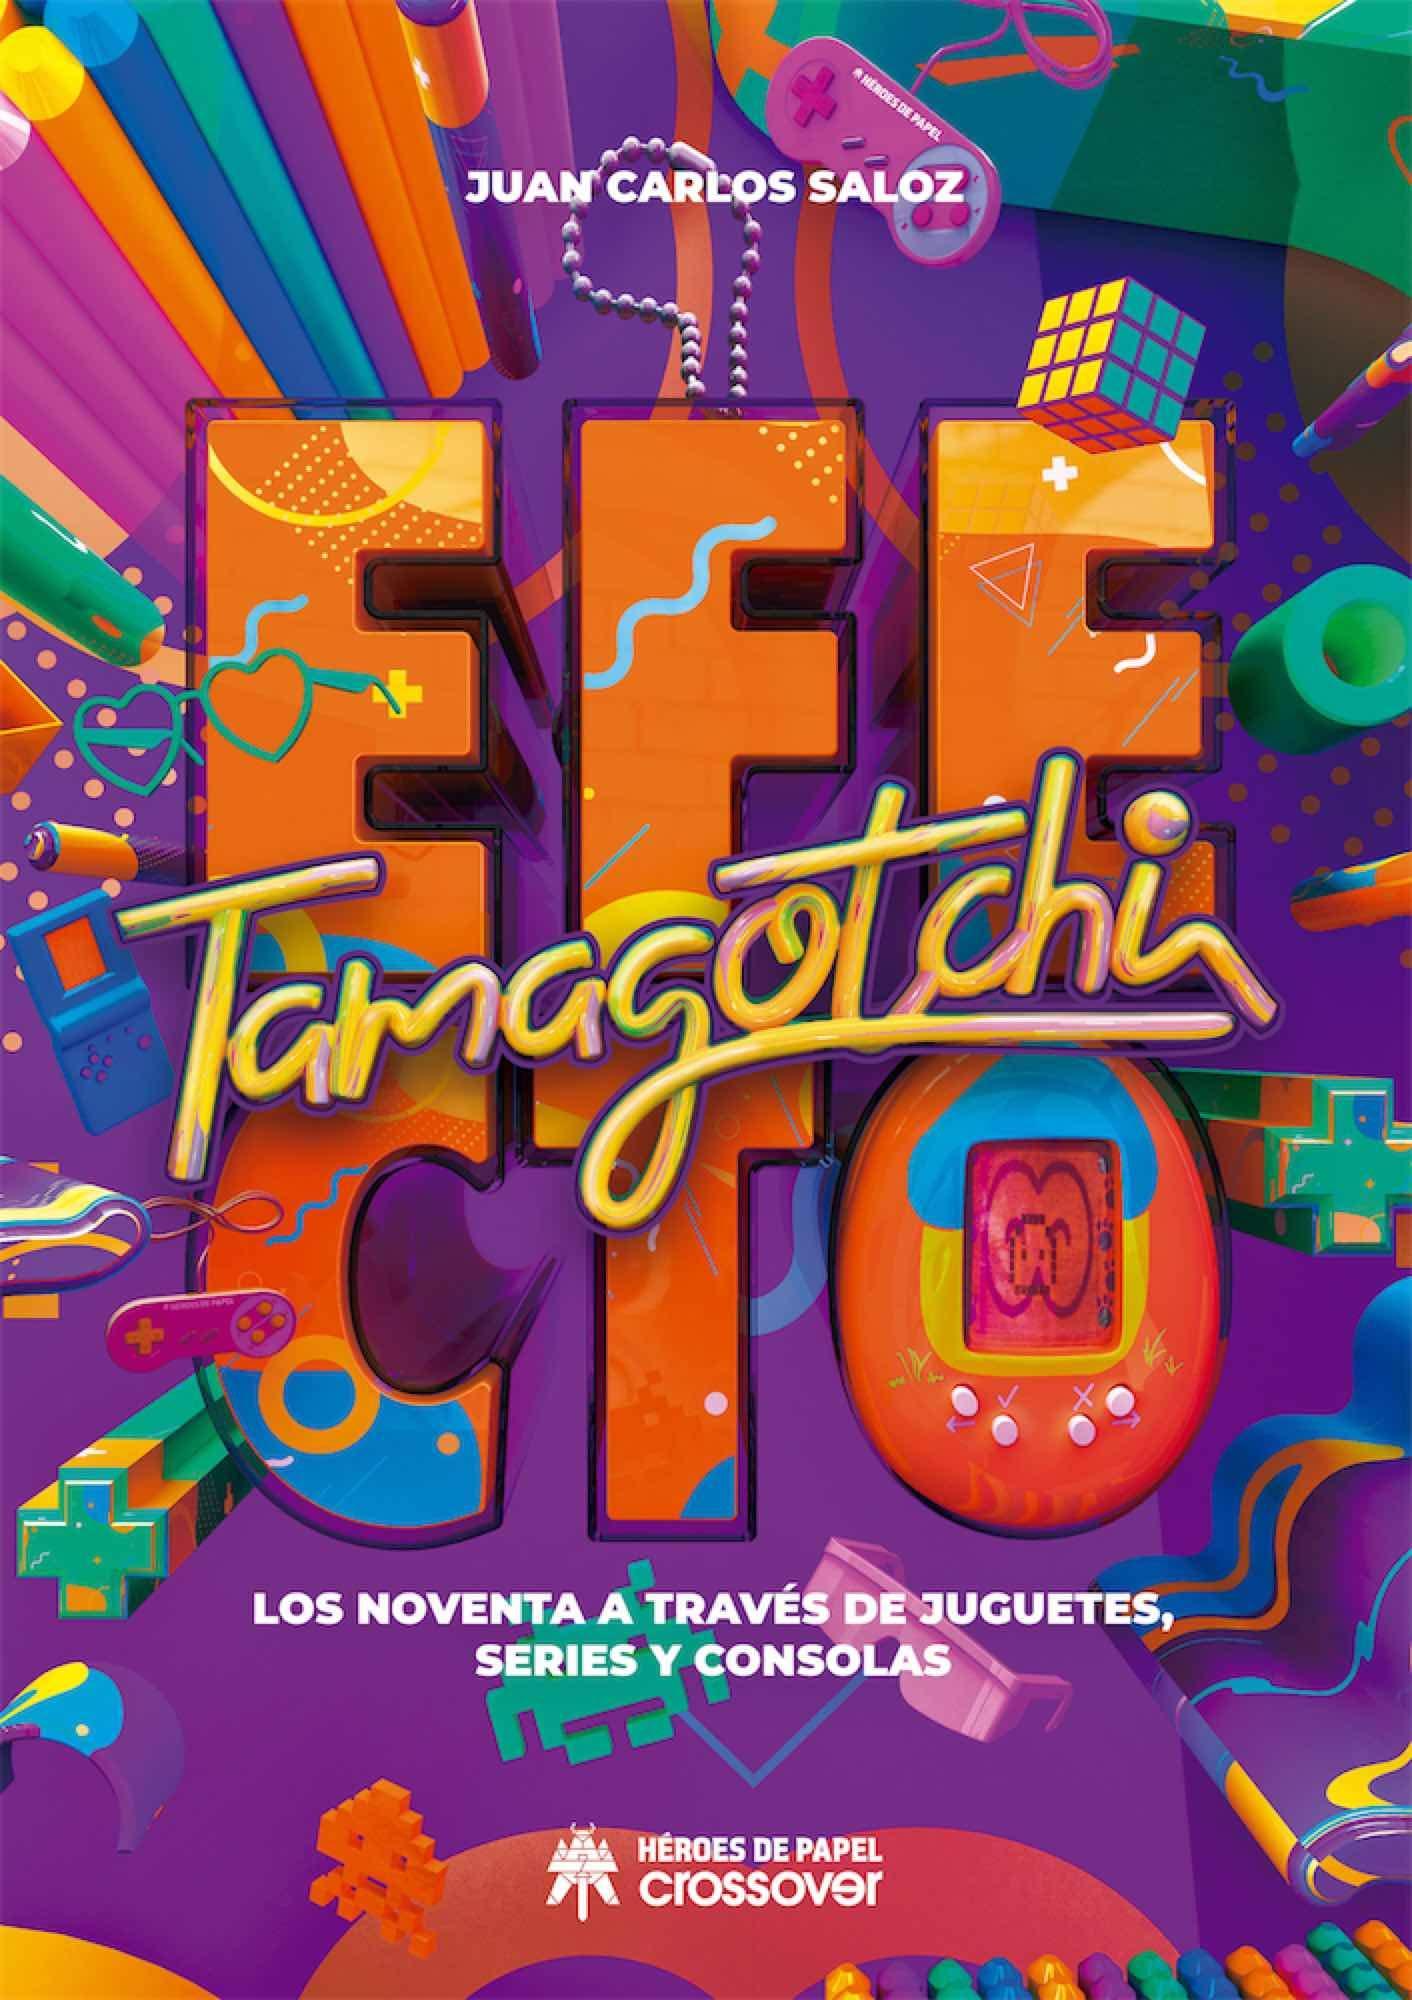 Efecto Tamagotchi: Los noventa a través de juguetes, series y consolas: Amazon.es: Saloz, Juan Carlos: Libros